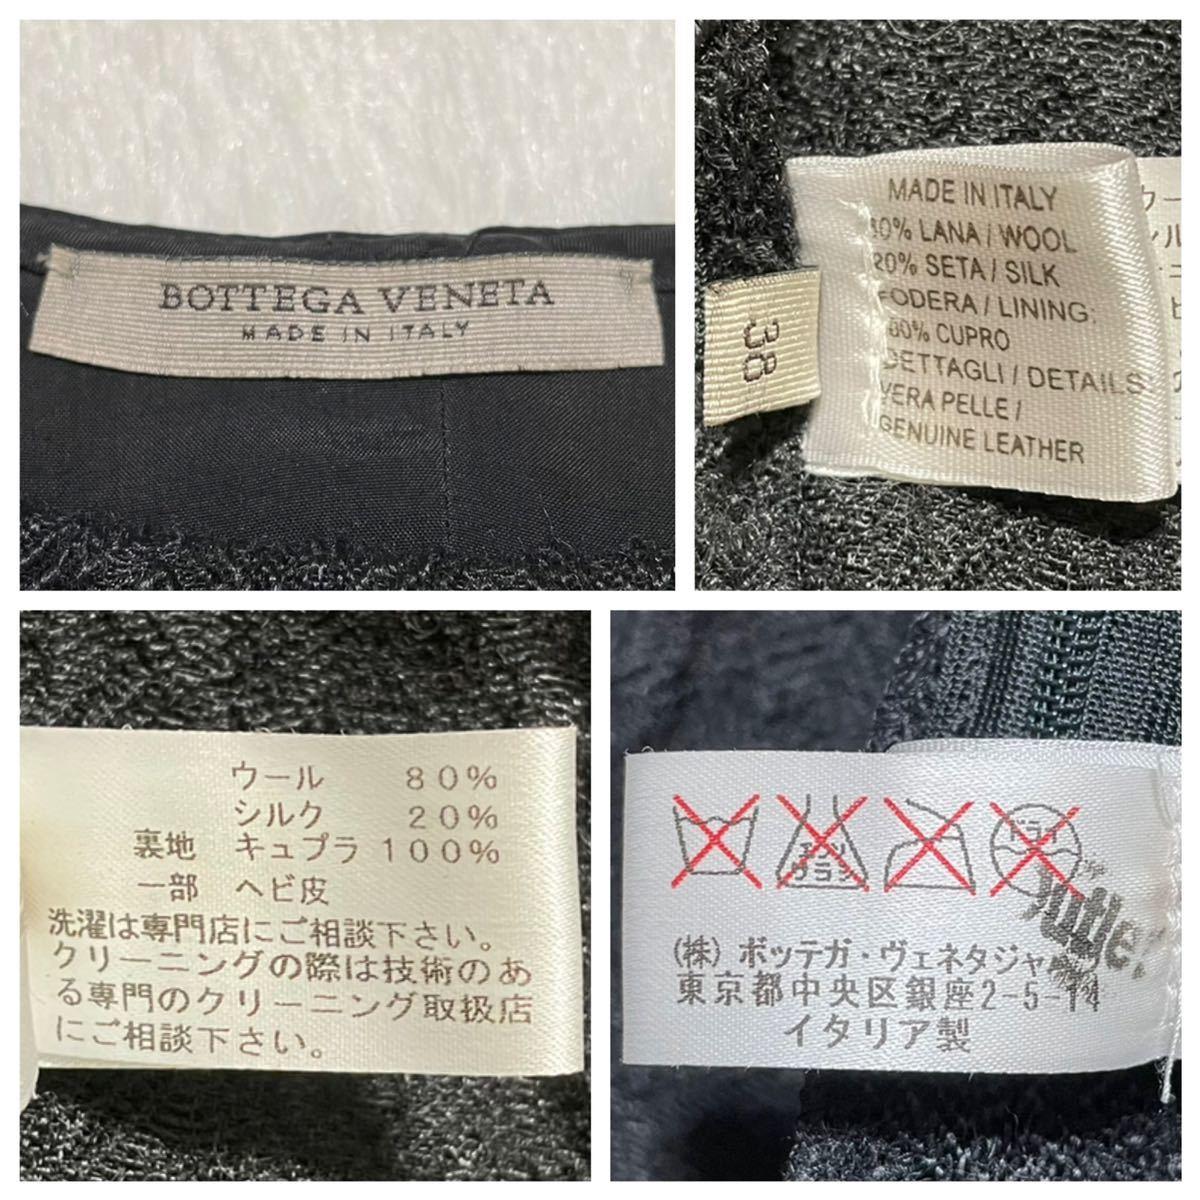 本物 美品 ボッテガヴェネタ レザー使い スタッズ付 ツイード ノースリーブ ワンピース 膝丈 ウール シルク 38 ブラック 黒 BOTTEGA VENETA_画像8